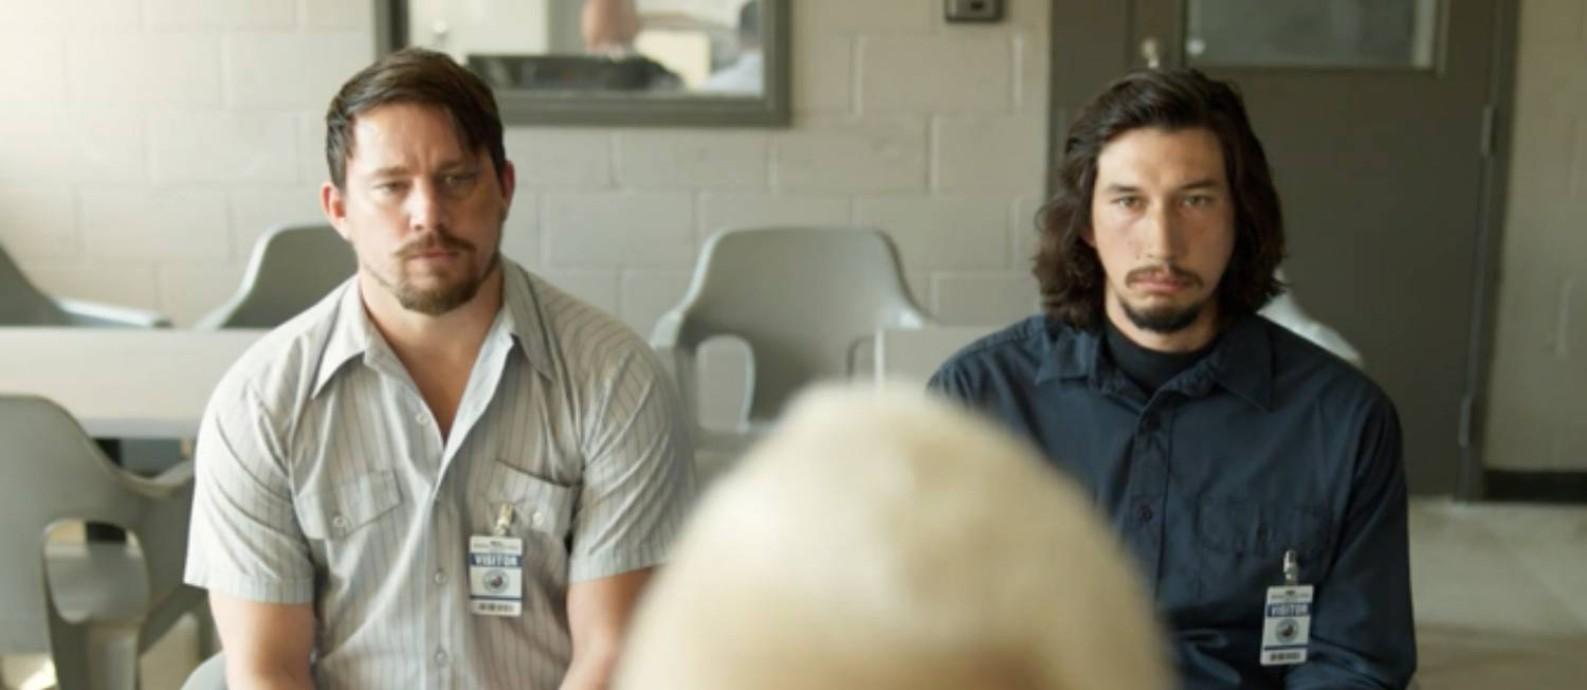 Cena do filme 'Logan Lucky - roubo em família' Foto: Divulgação